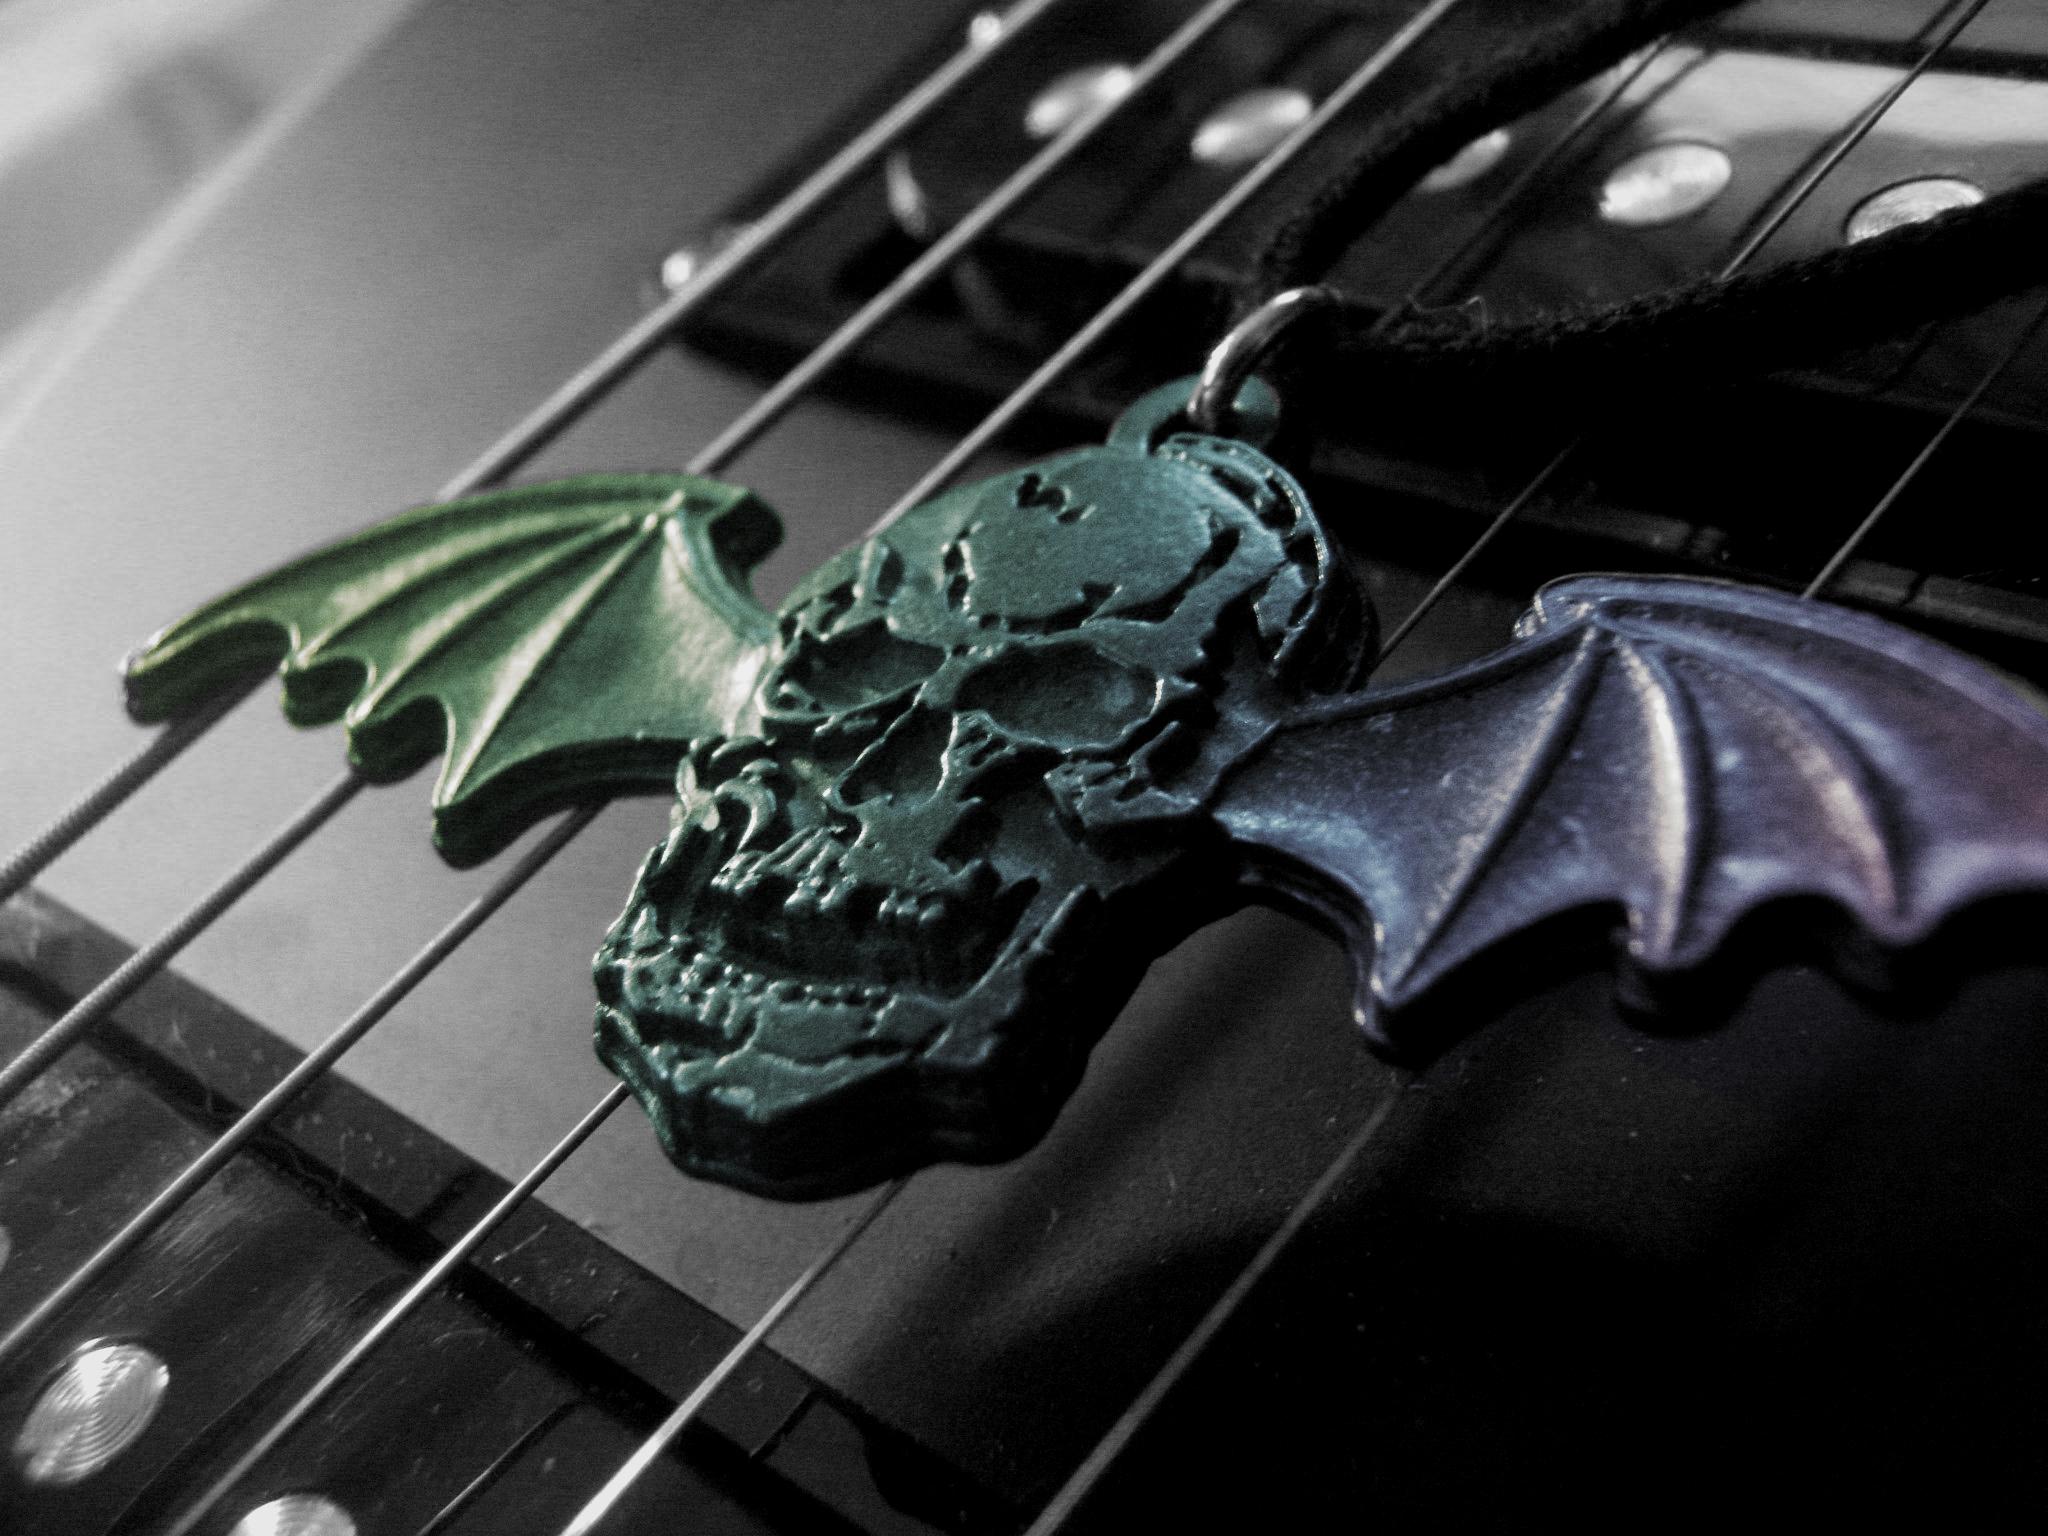 Free Download Deathbat Wallpaper Deathbat D By Violetwidows